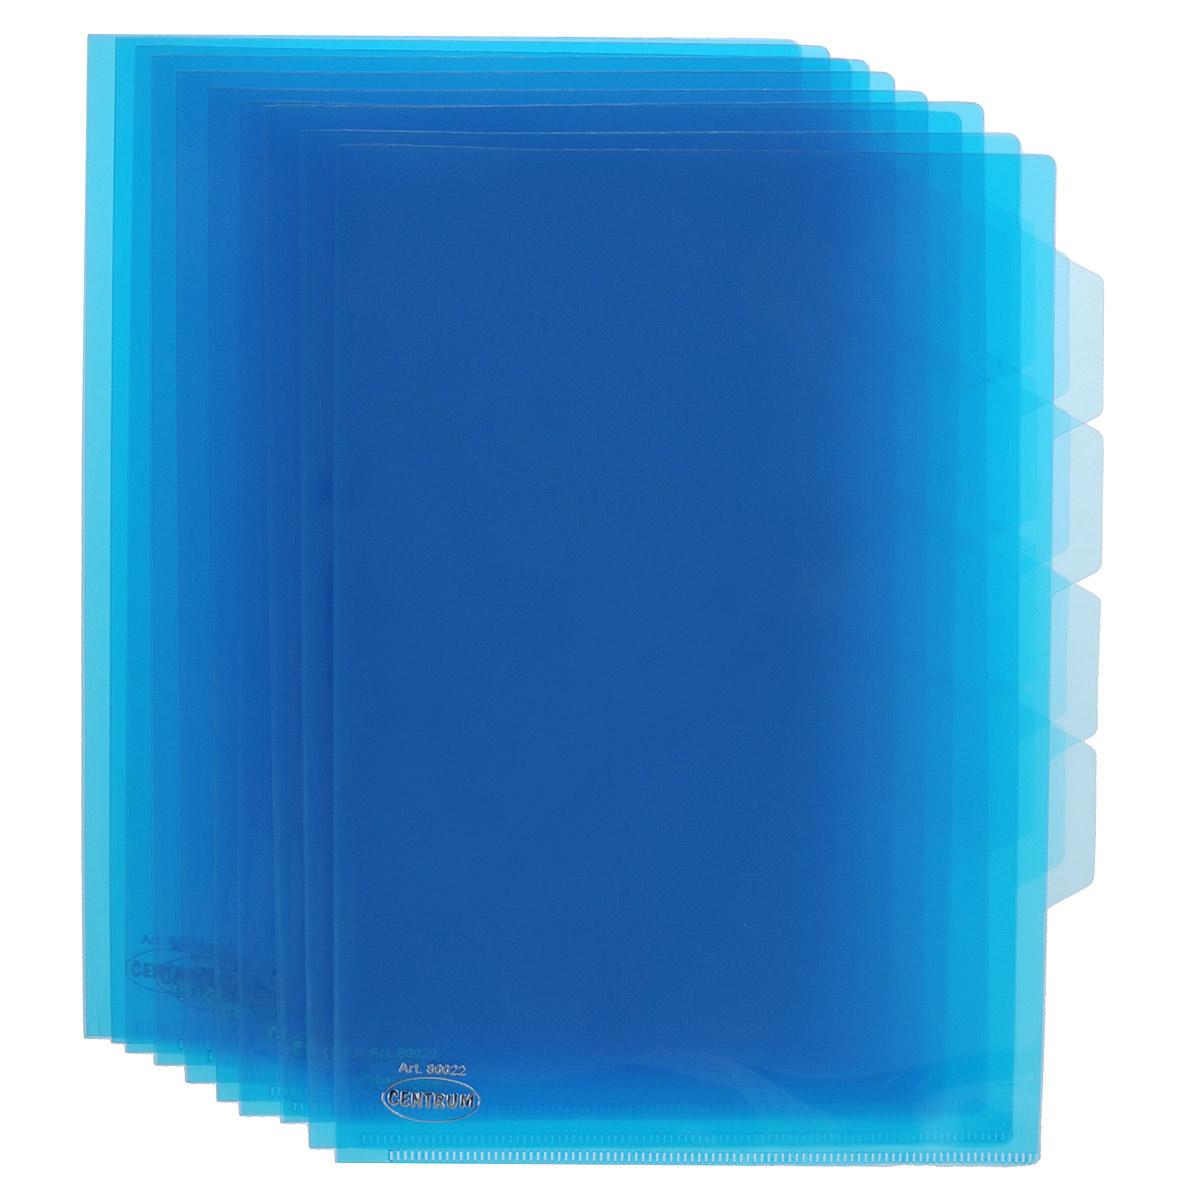 Папка-уголок Сentrum, 3 отделения, цвет: синий. Формат А4, 10 штAC-1121RDПапка-уголок Centrum - это удобный и практичный офисный инструмент, предназначенный для хранения и транспортировки рабочих бумаг и документов формата А4. Папка изготовлена из прозрачного глянцевого пластика, имеет три отделения с индексами-табуляторами. В комплект входят 10 папок формата А4. Папка-уголок - это незаменимый атрибут для студента, школьника, офисного работника. Такая папка надежно сохранит ваши документы и сбережет их от повреждений, пыли и влаги.